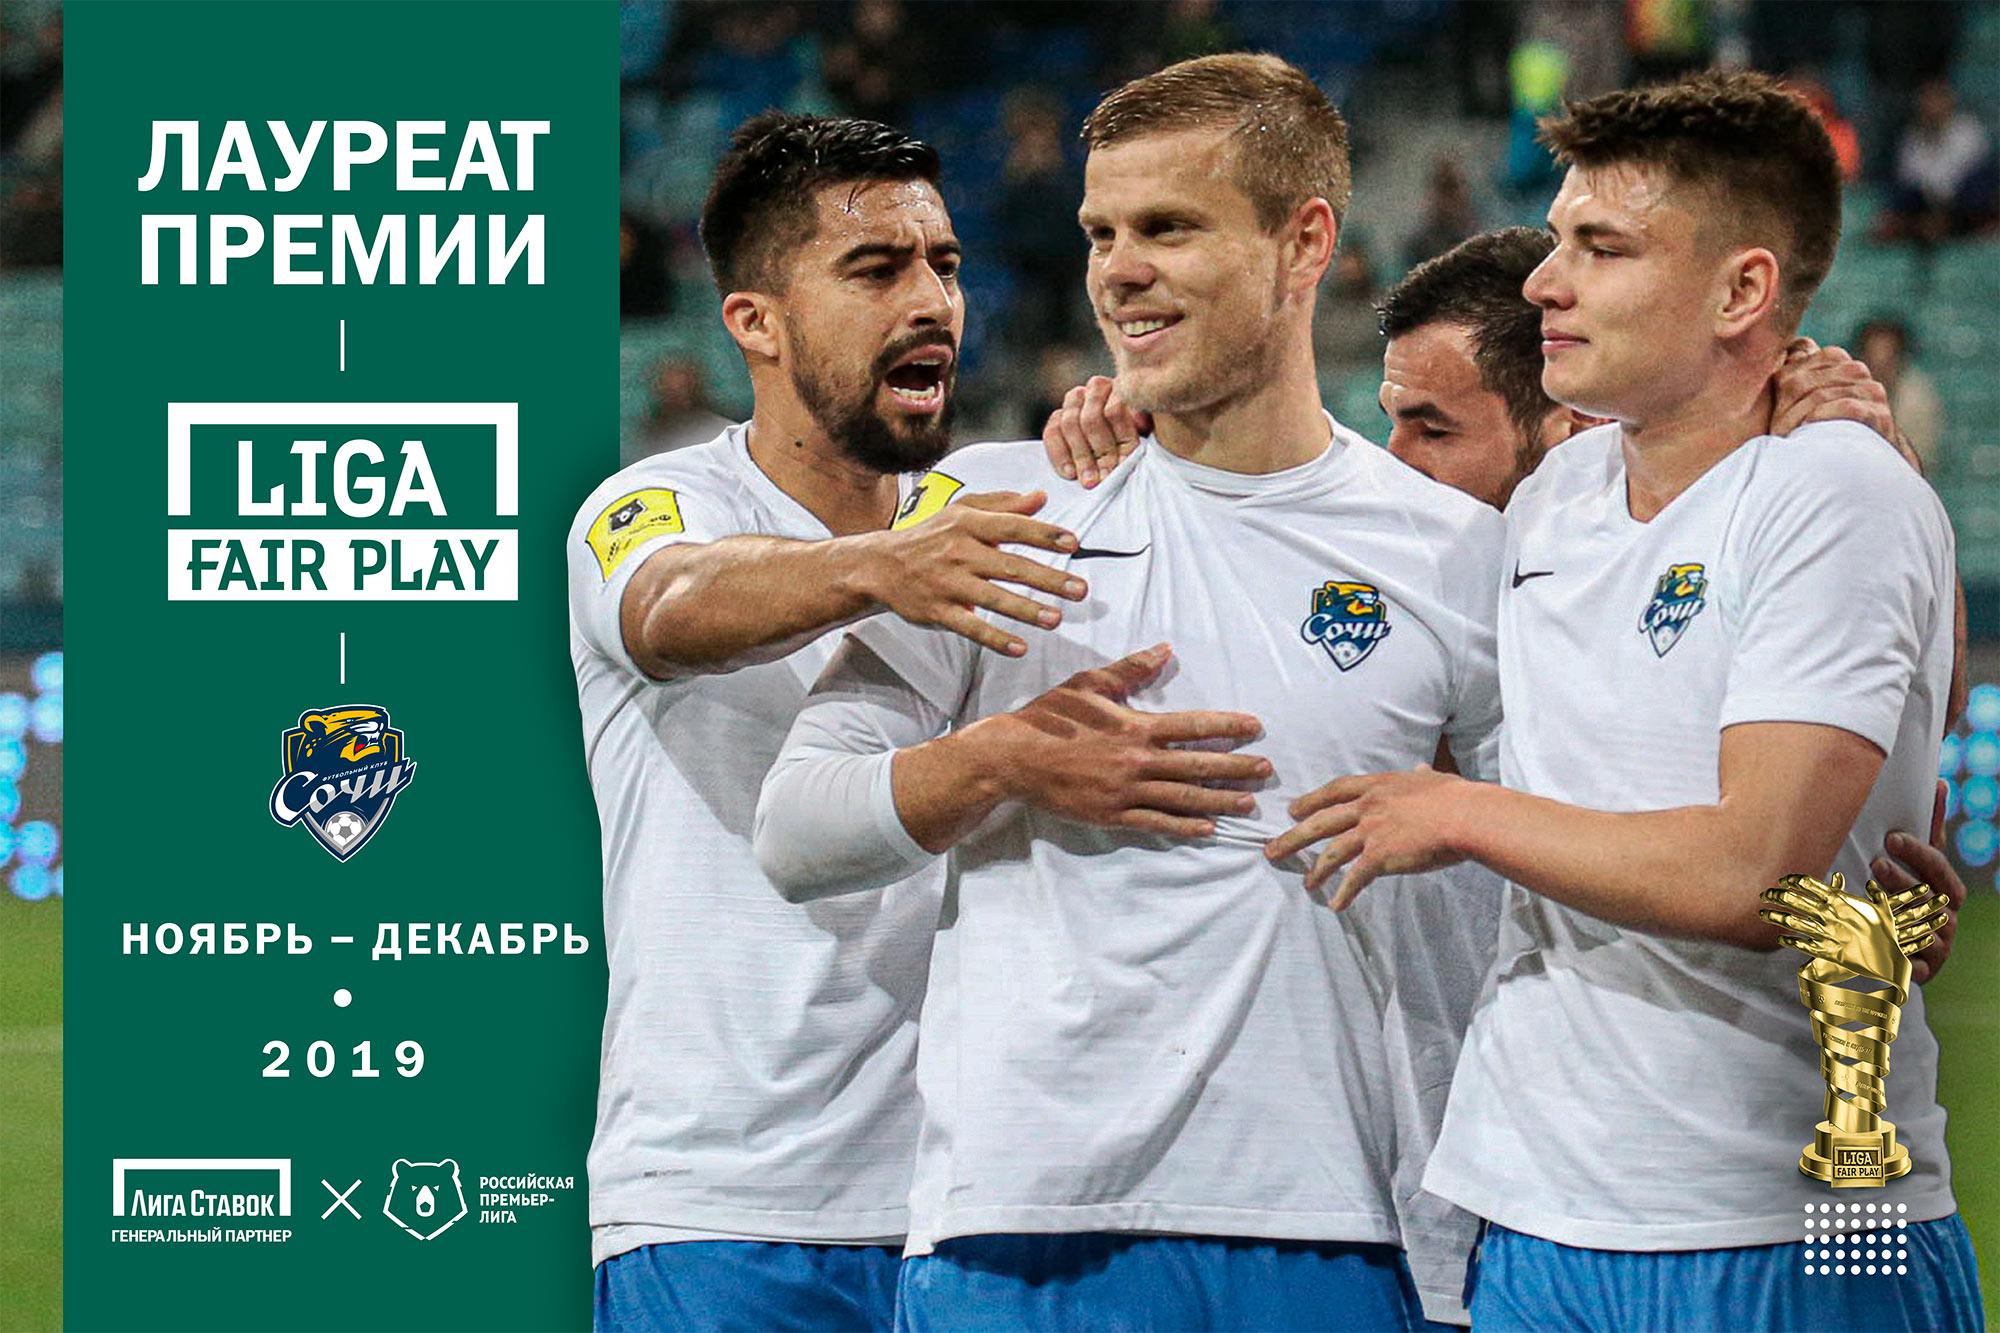 «Сочи» - обладатель премии «Liga Fair Play»